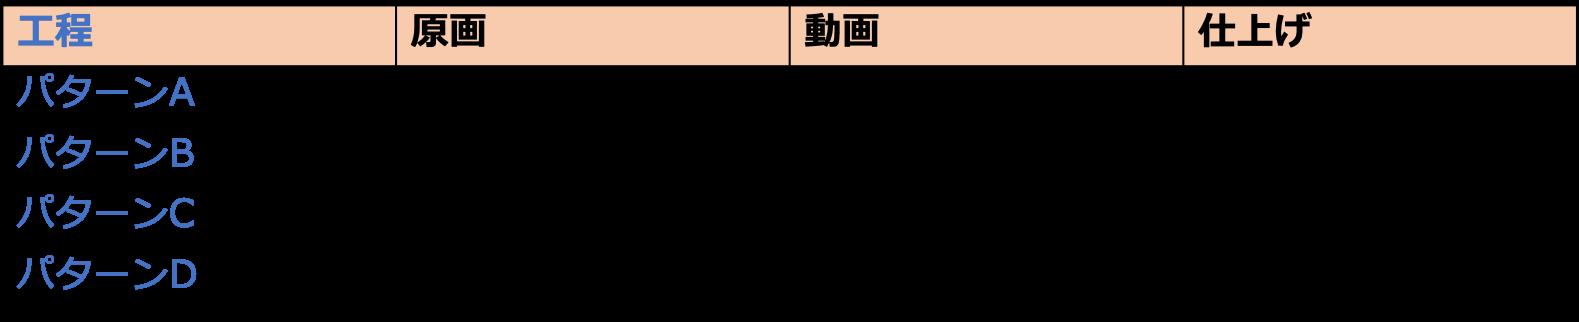 作画ソフト ver2